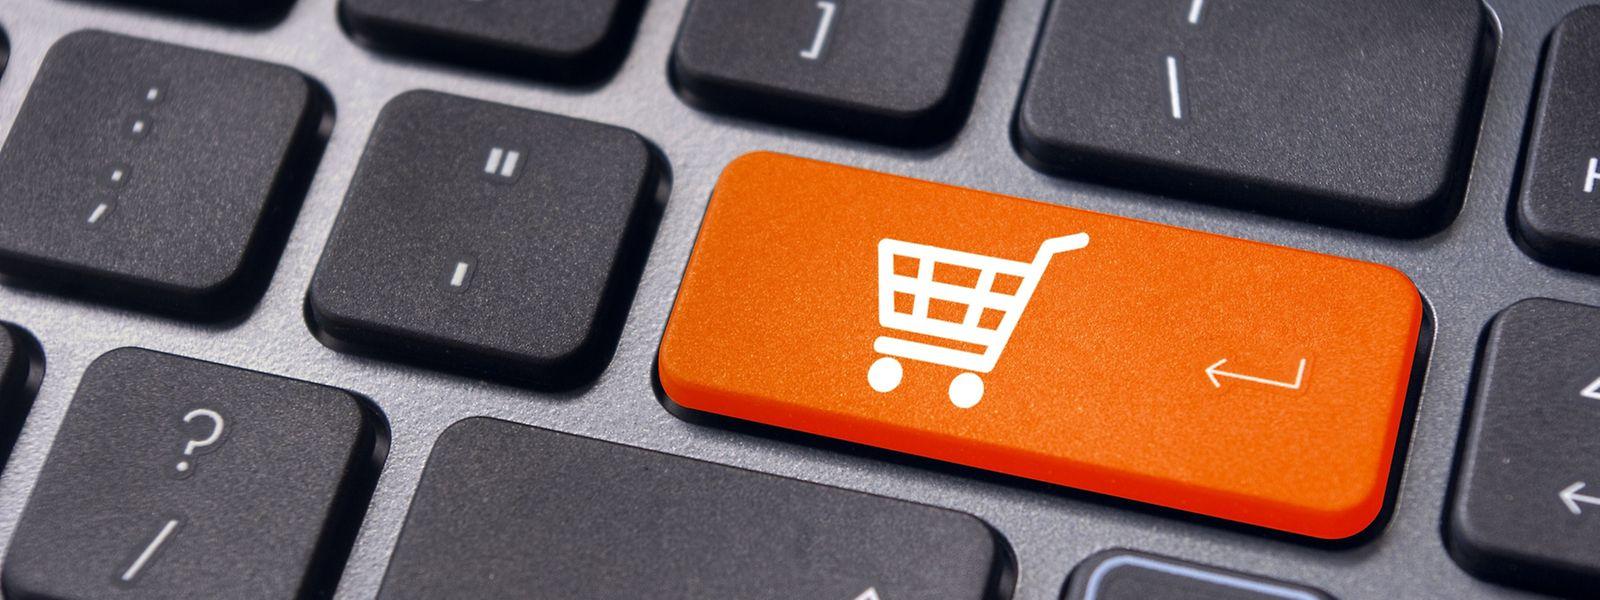 Die Europäische Kommission hat Untersuchungen eingeleitet, ob Verbraucher daran gehindert werden Produkte und Dienstleistungen über Grenzen hinweg auswählen und zu wettbewerbsfähigen Preisen zu kaufen.